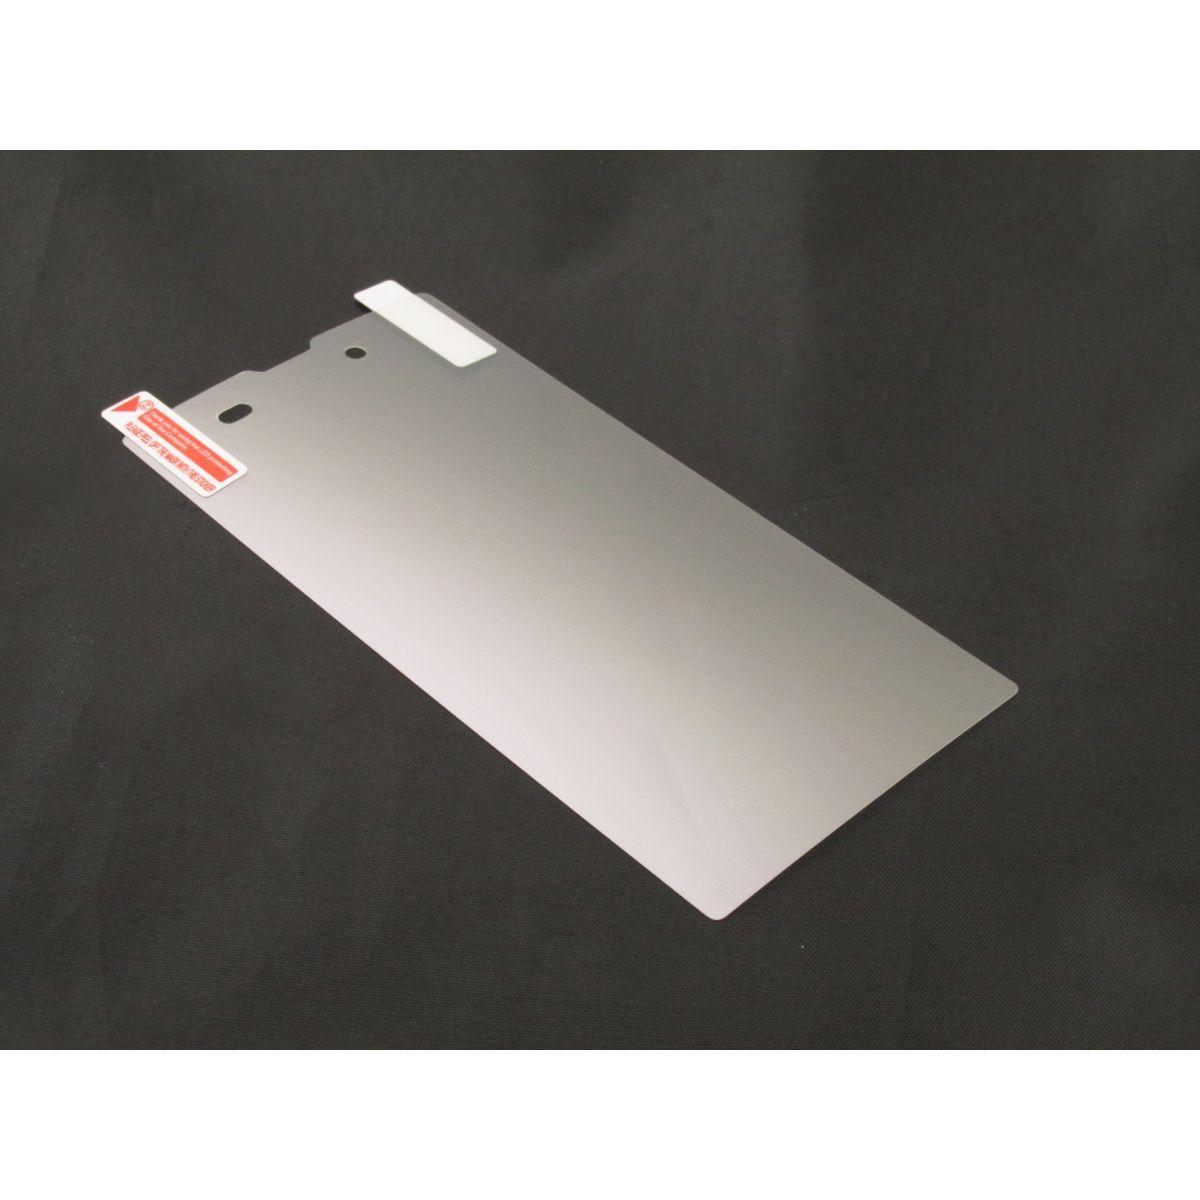 Pelicula Protetora Sony Xperia T3 D5102 D5103 D5106 Transparente